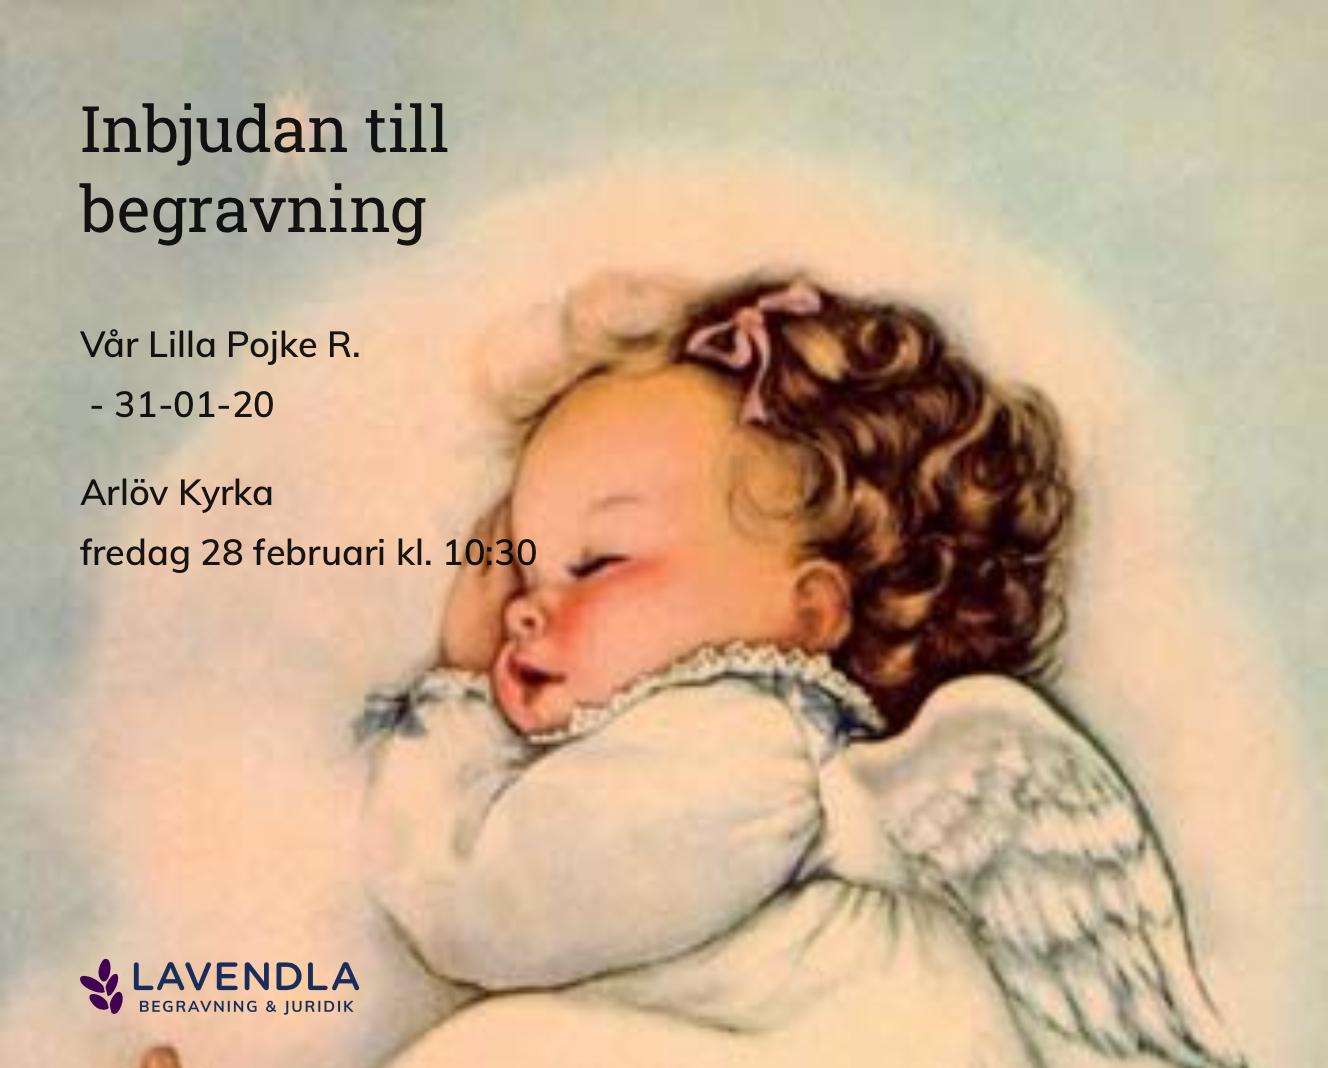 Inbjudningskort till ceremonin för Vår Lilla Pojke R.